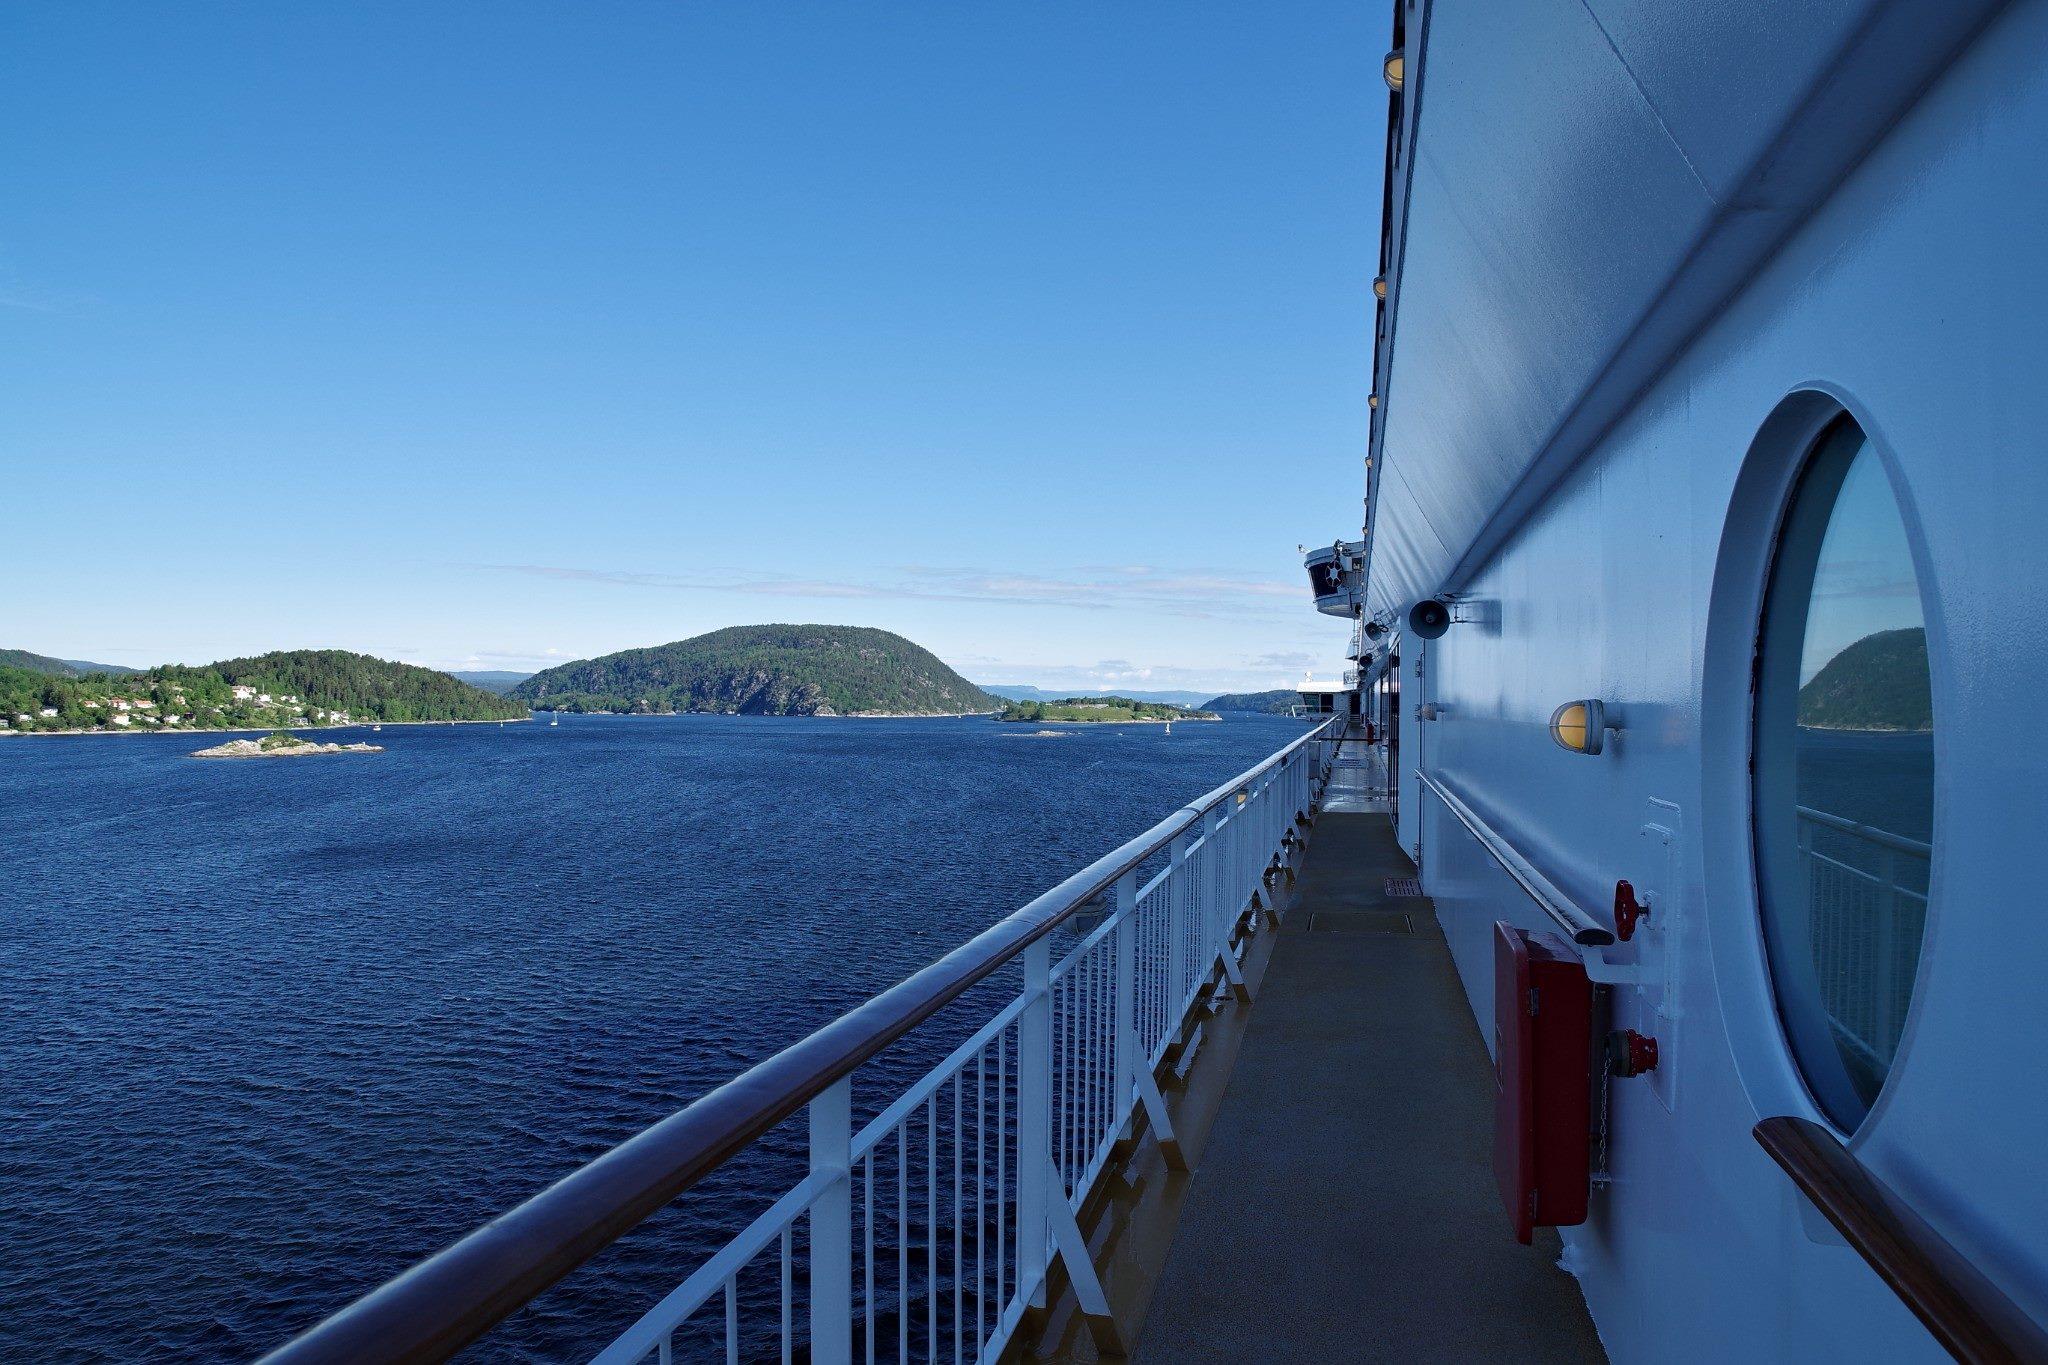 Norwegen, 14.06.2015